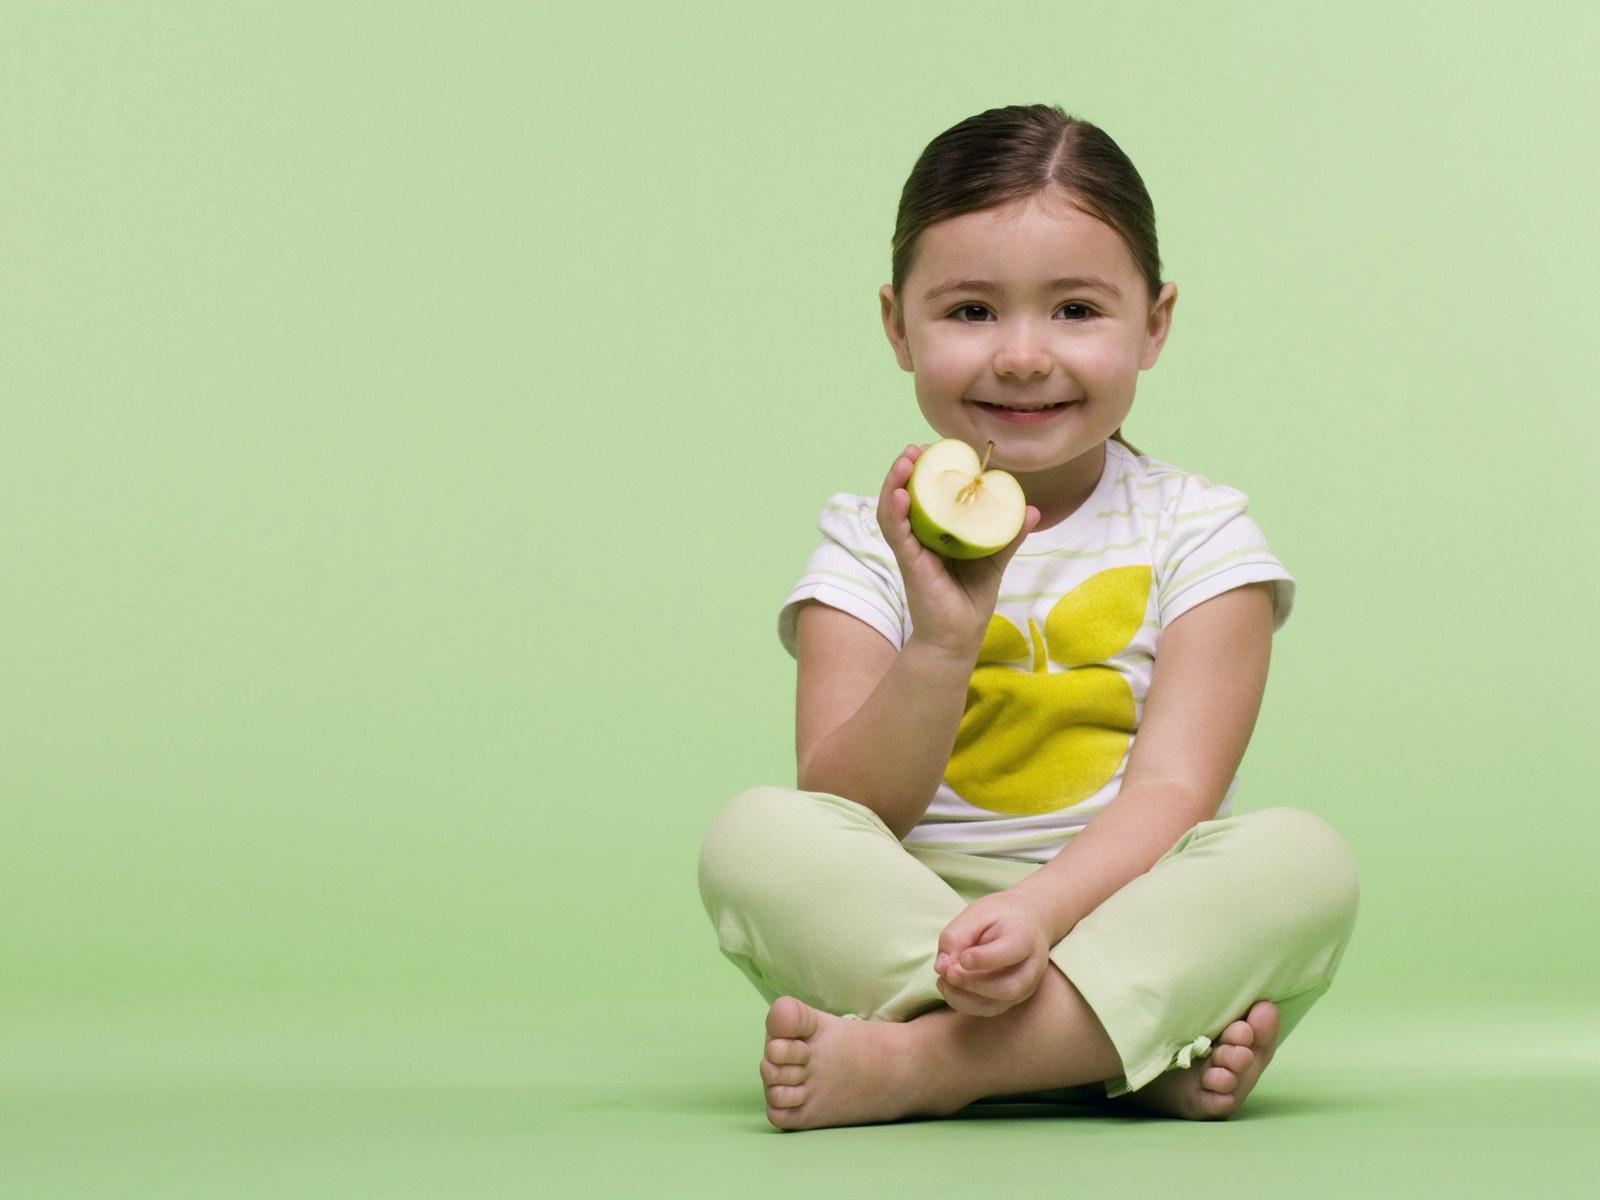 天真可爱的外国儿童摄影图片素材(31p)[中国